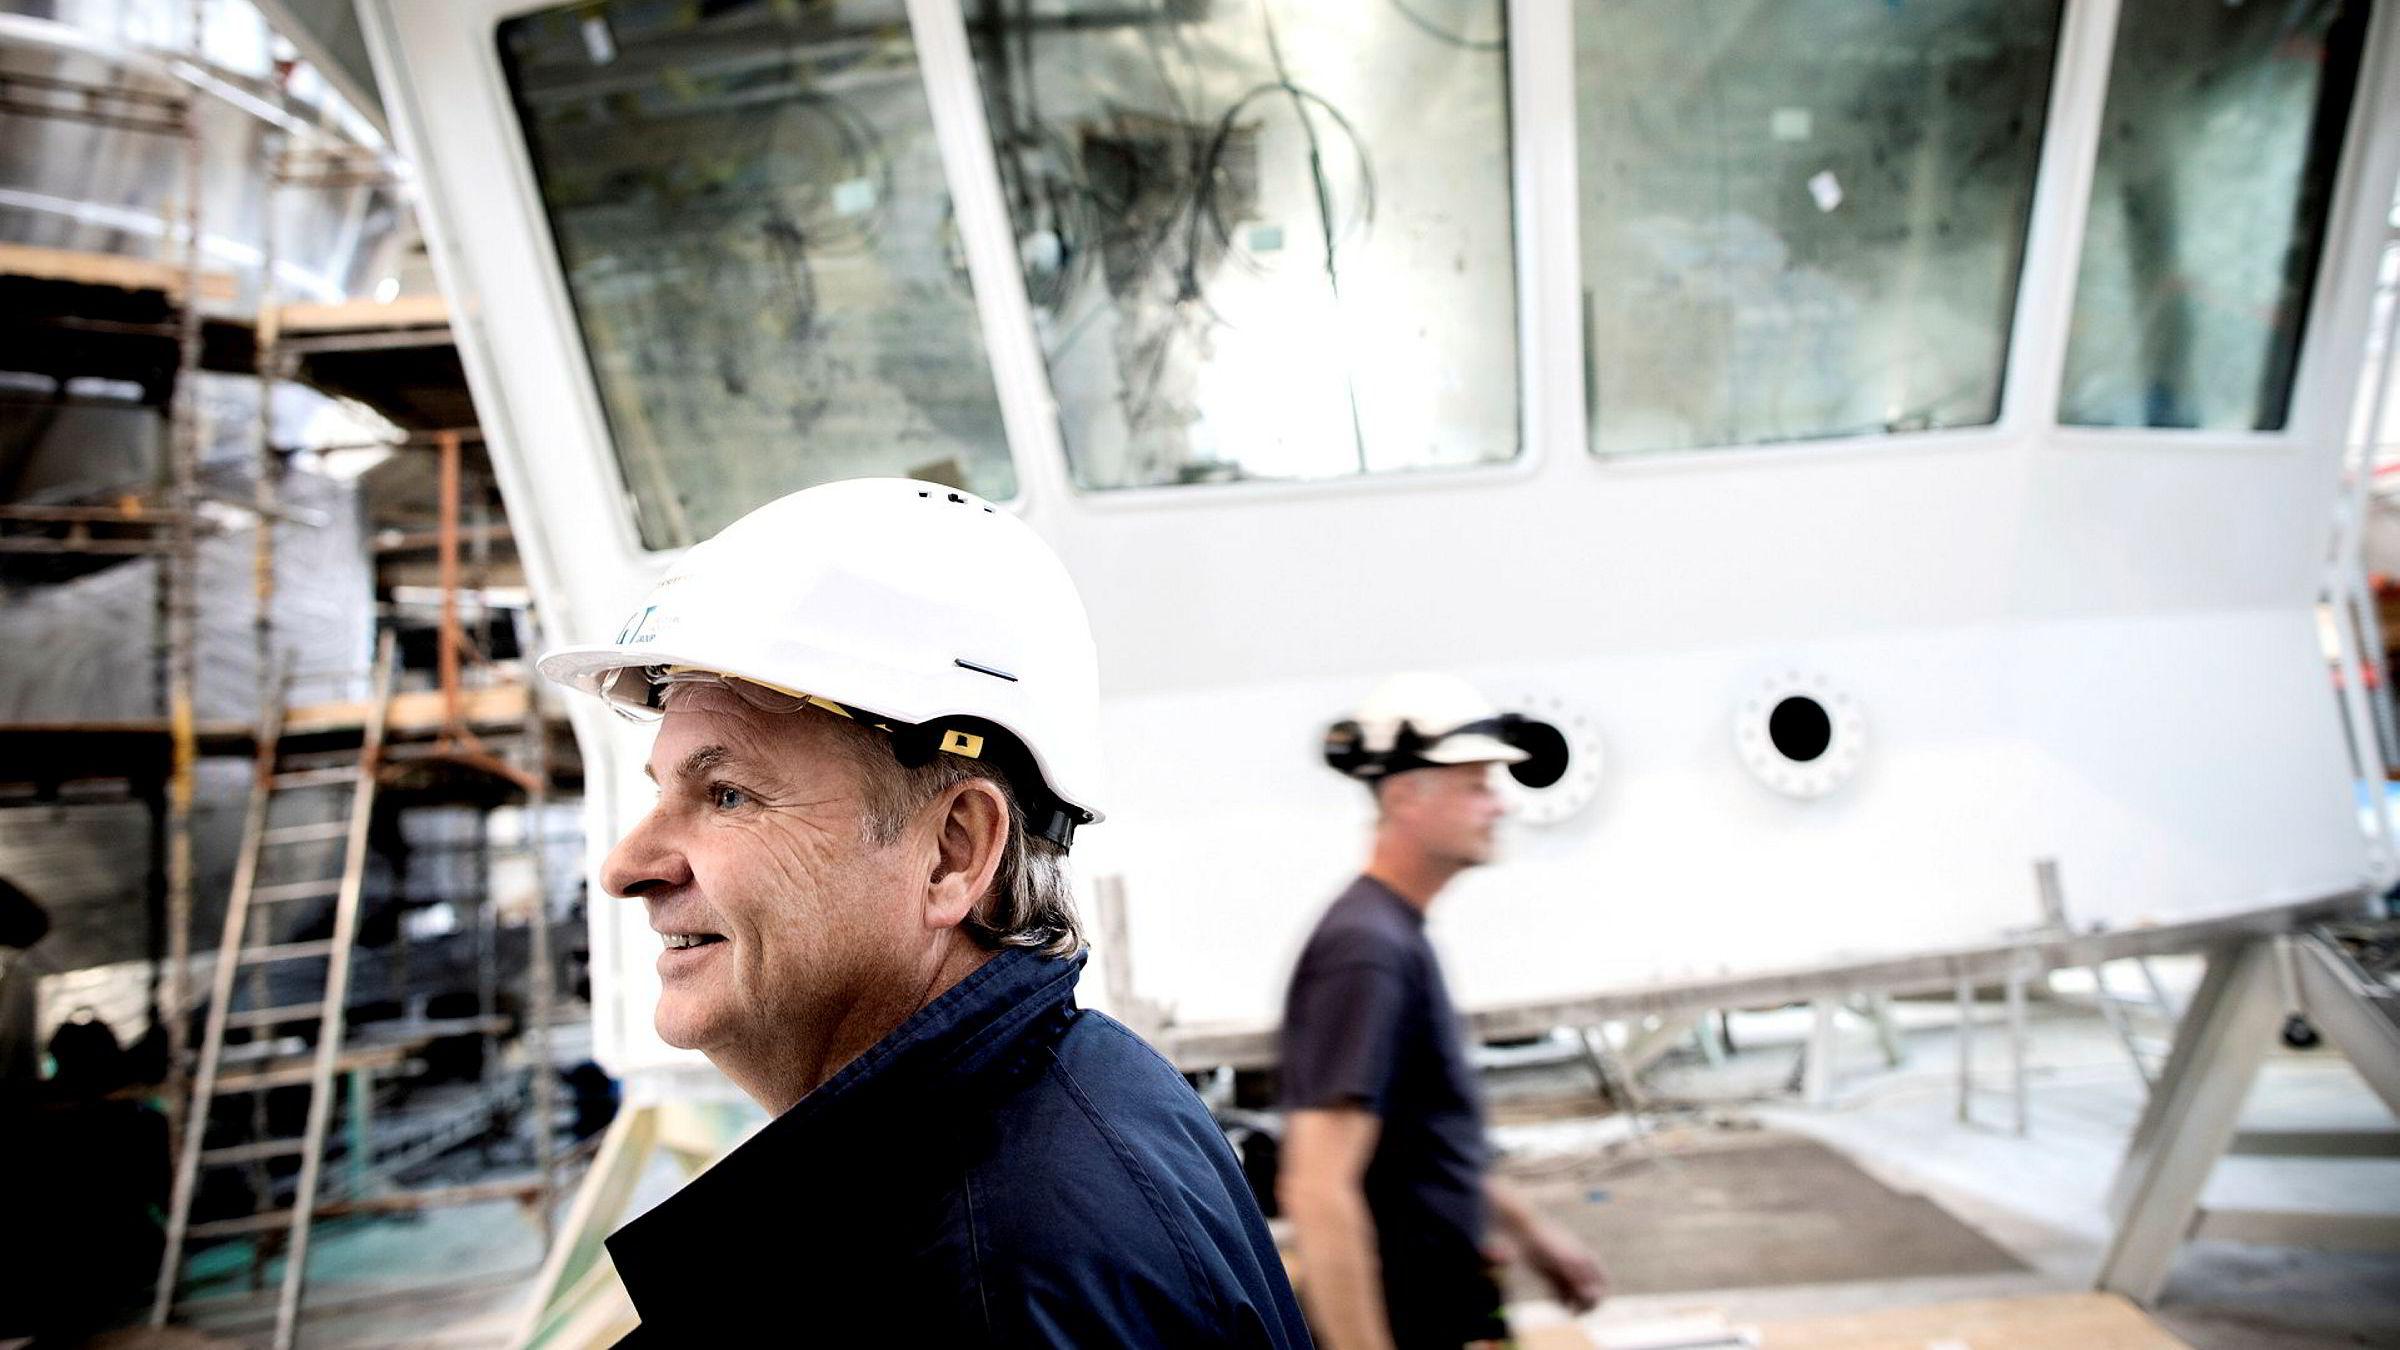 Tor Henning Ramfjords industrisatsing Global Ocean Technology har mer enn doblet ordrereserven det siste året og ansetter stadig nye folk. Særlig satsingen på moderne fiskebåter begynner nå å bære frukter.